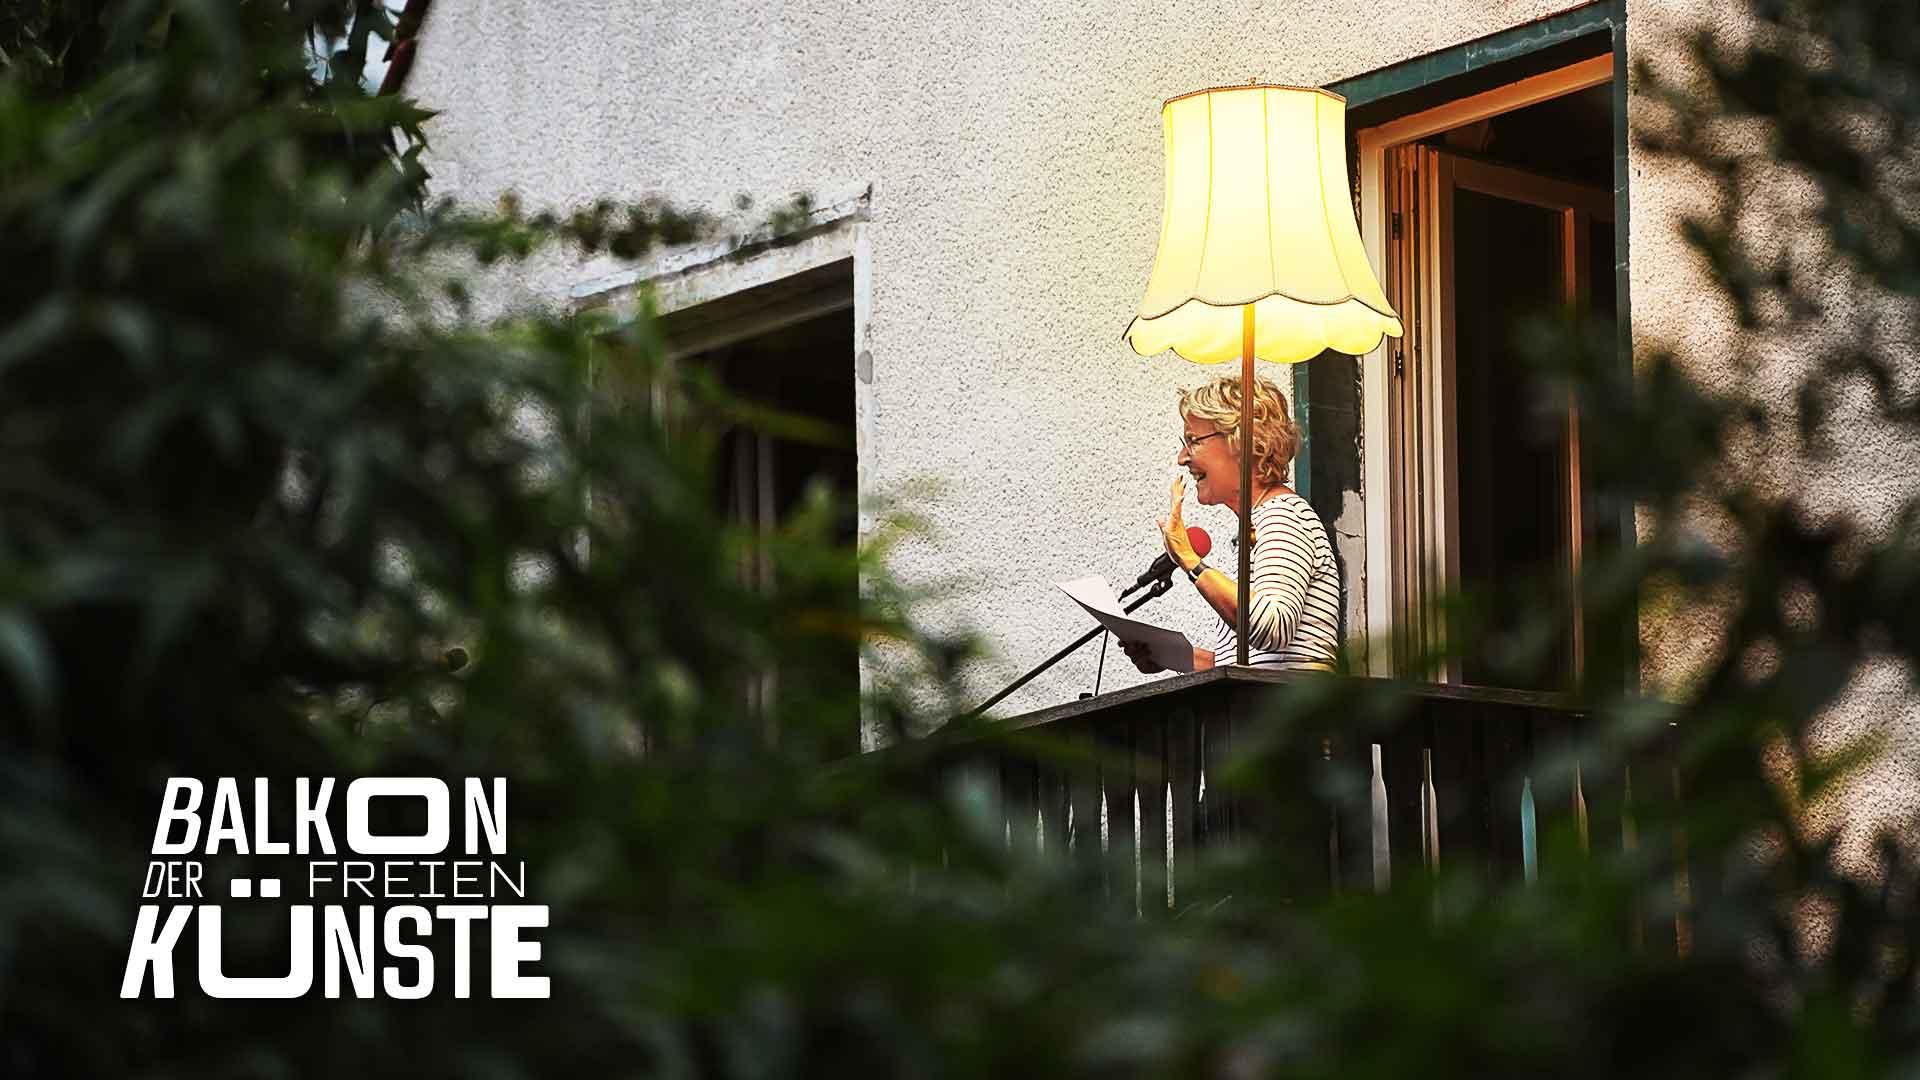 Die Vorleserin Annette Ziebeker auf dem Balkon der freien Künste